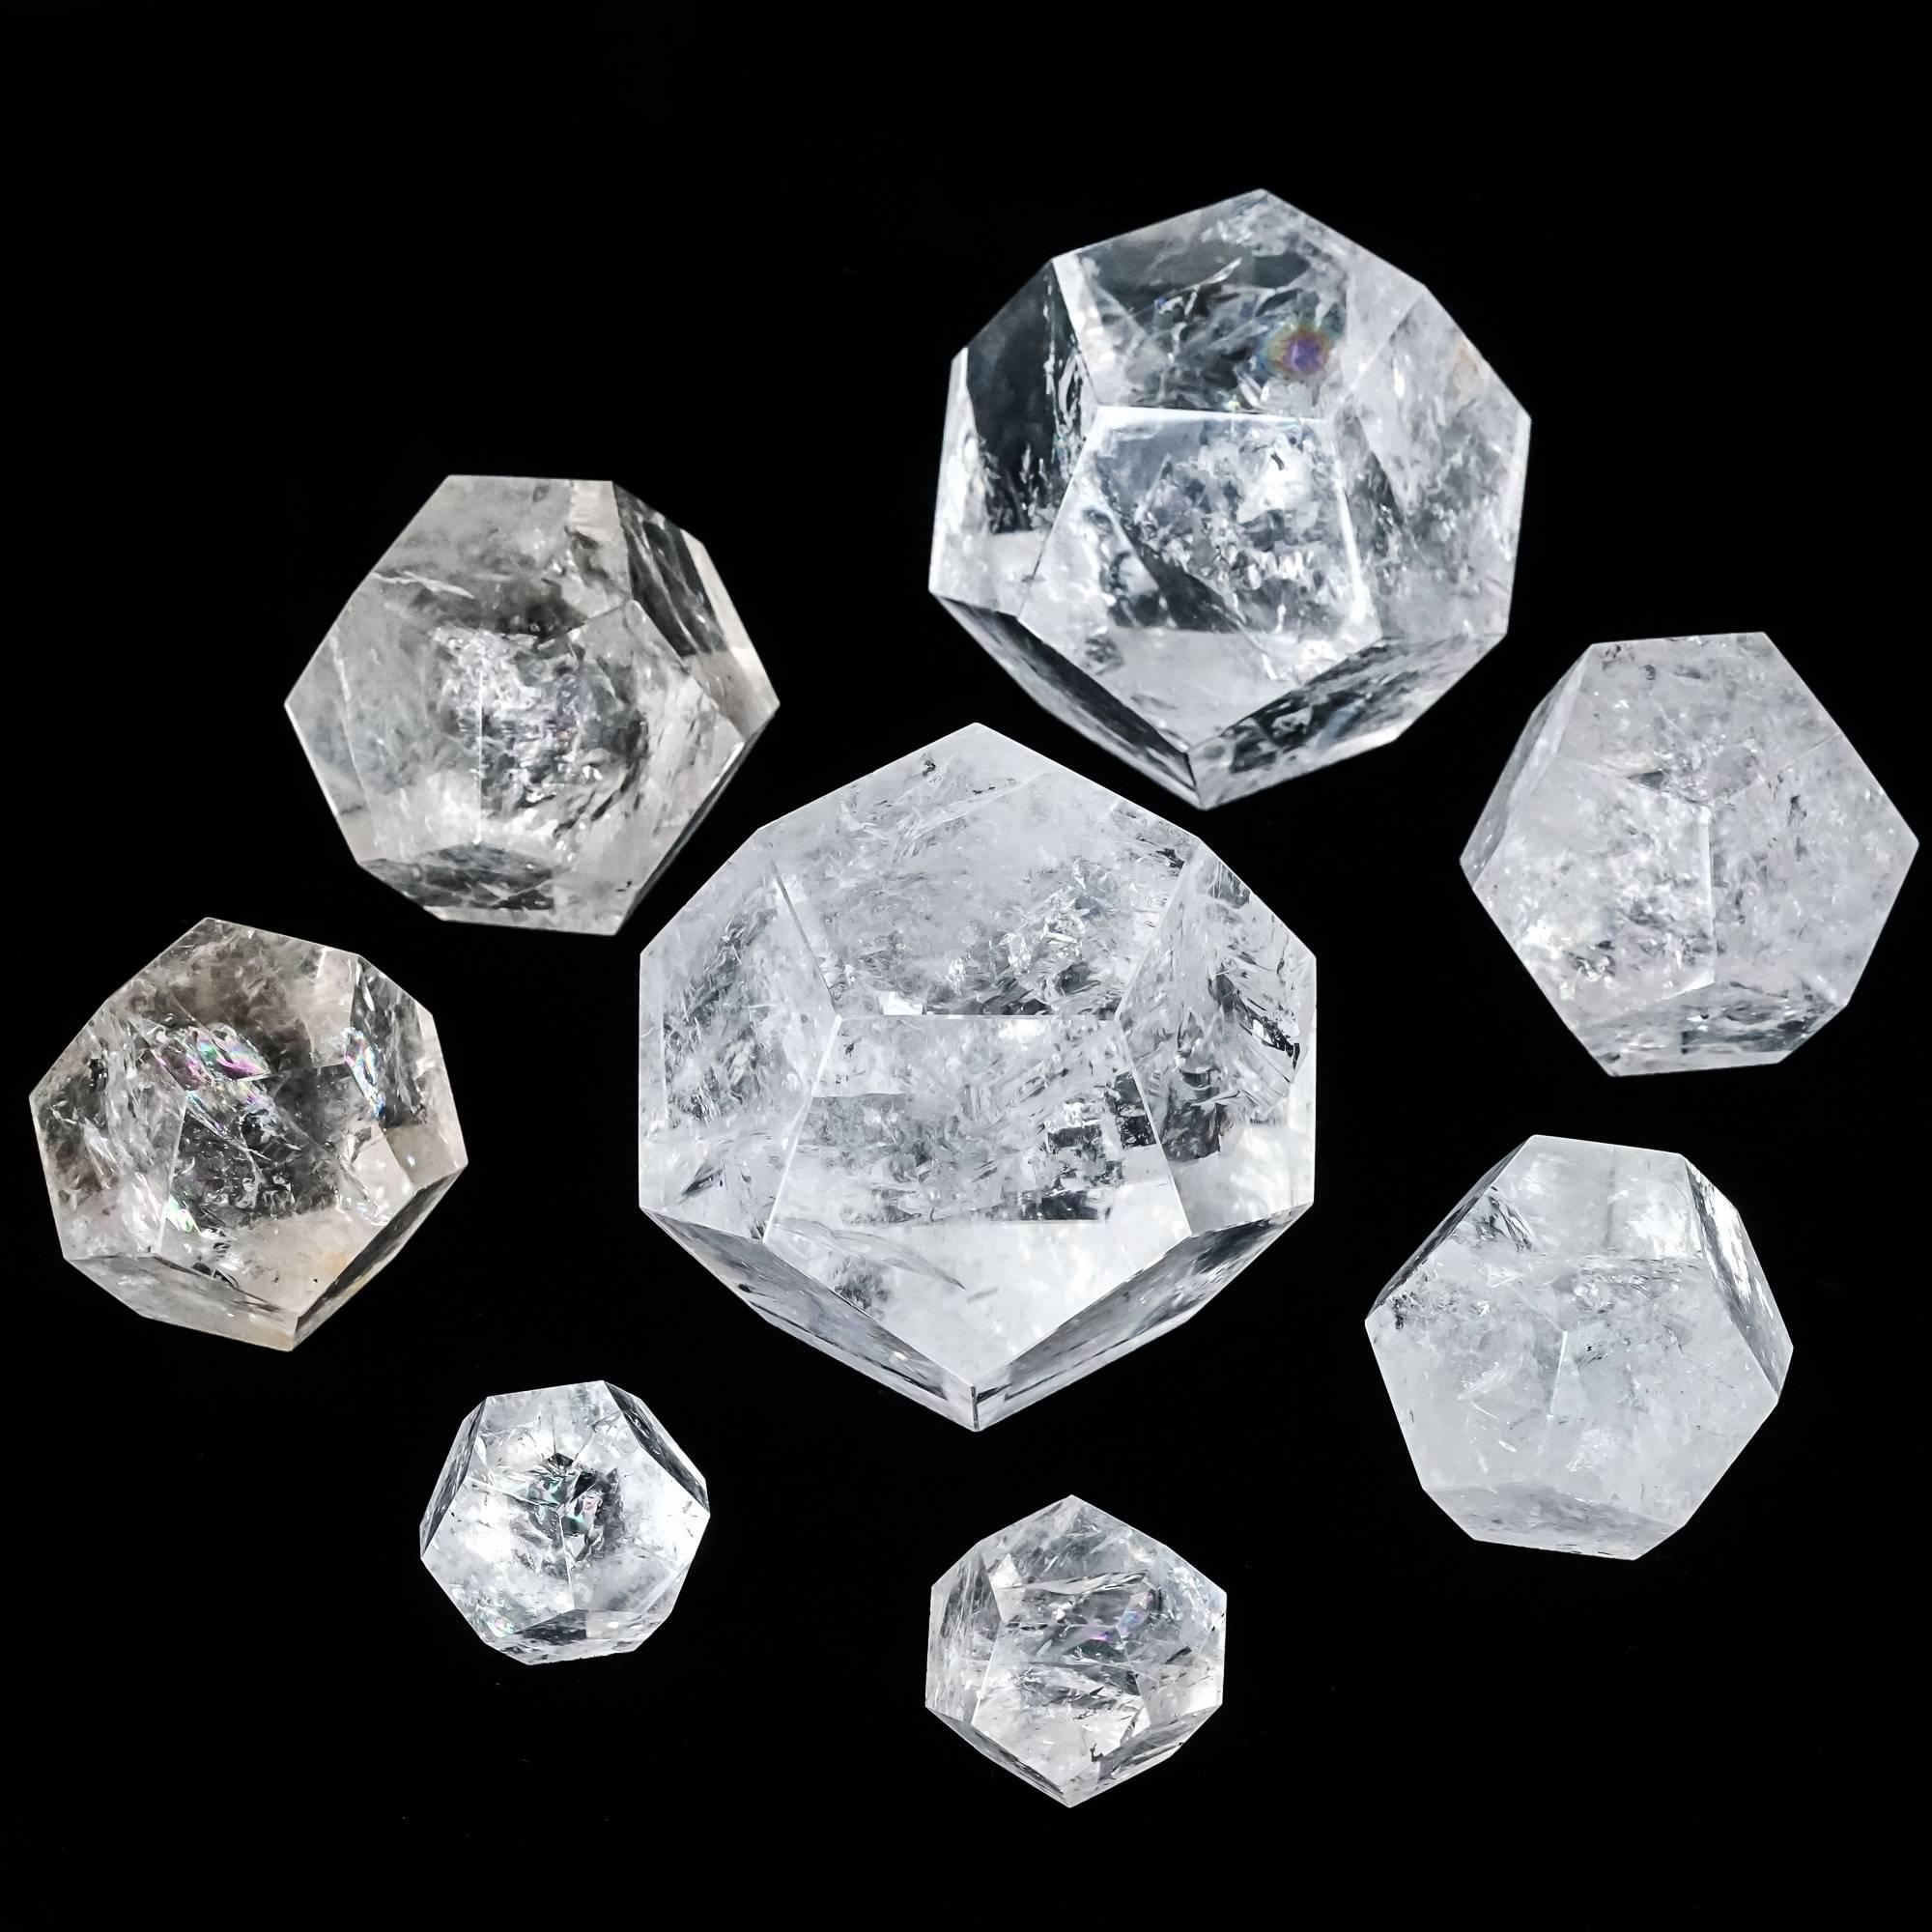 clear quartz dodecahedron crystals